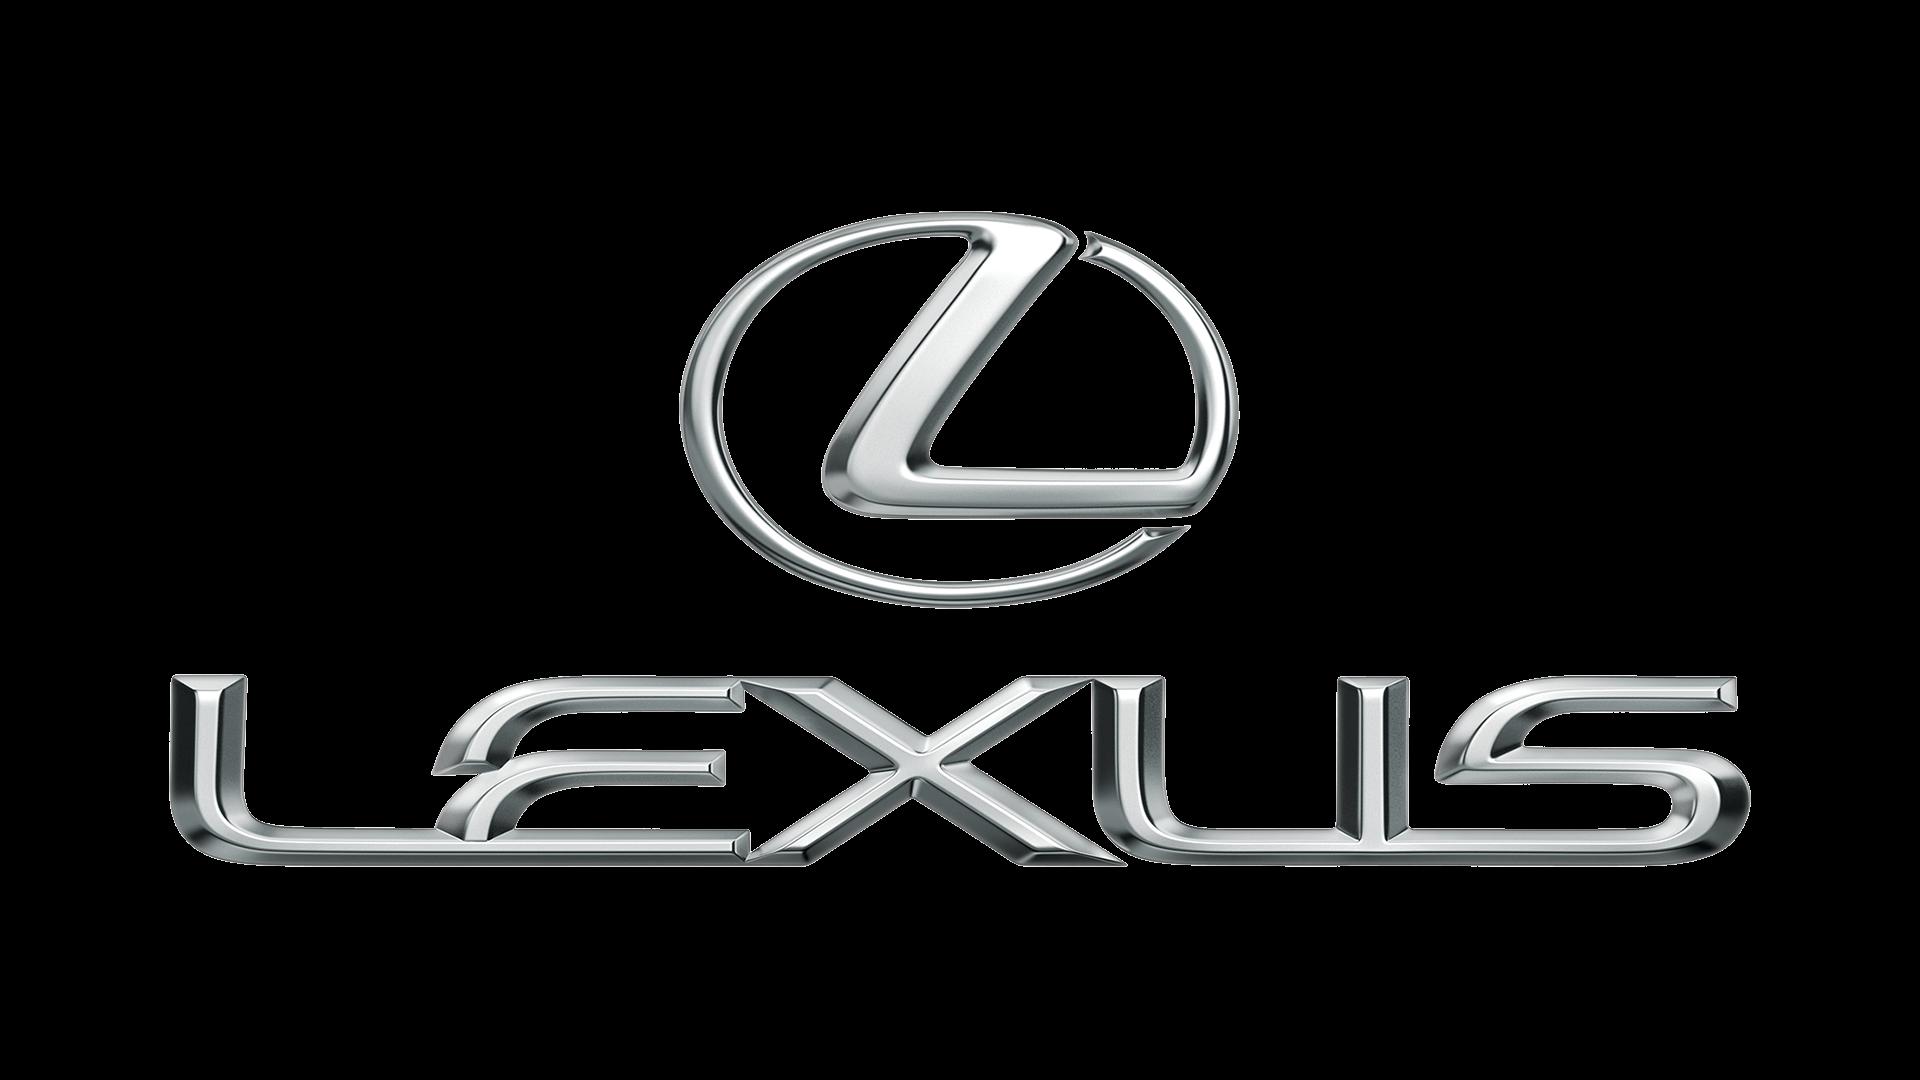 Car Logo Lexus transparent PNG.